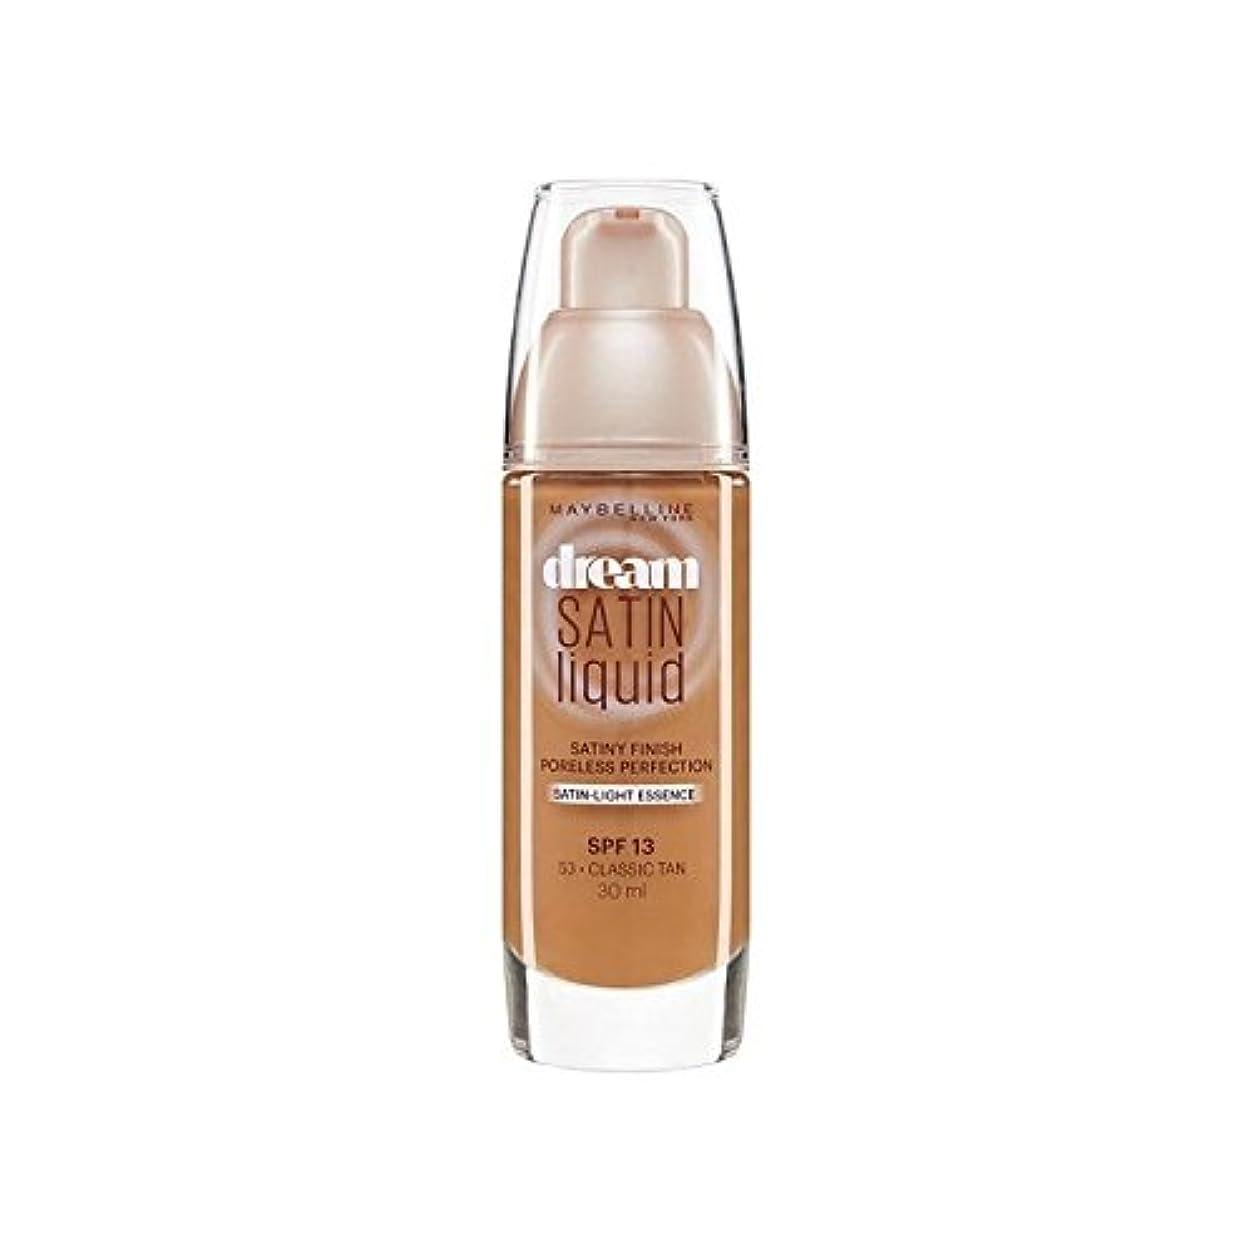 ビリーヤギつらい光メイベリン夢サテンリキッドファンデーション53古典的な日焼け30ミリリットル x4 - Maybelline Dream Satin Liquid Foundation 53 Classic Tan 30ml (Pack of 4) [並行輸入品]